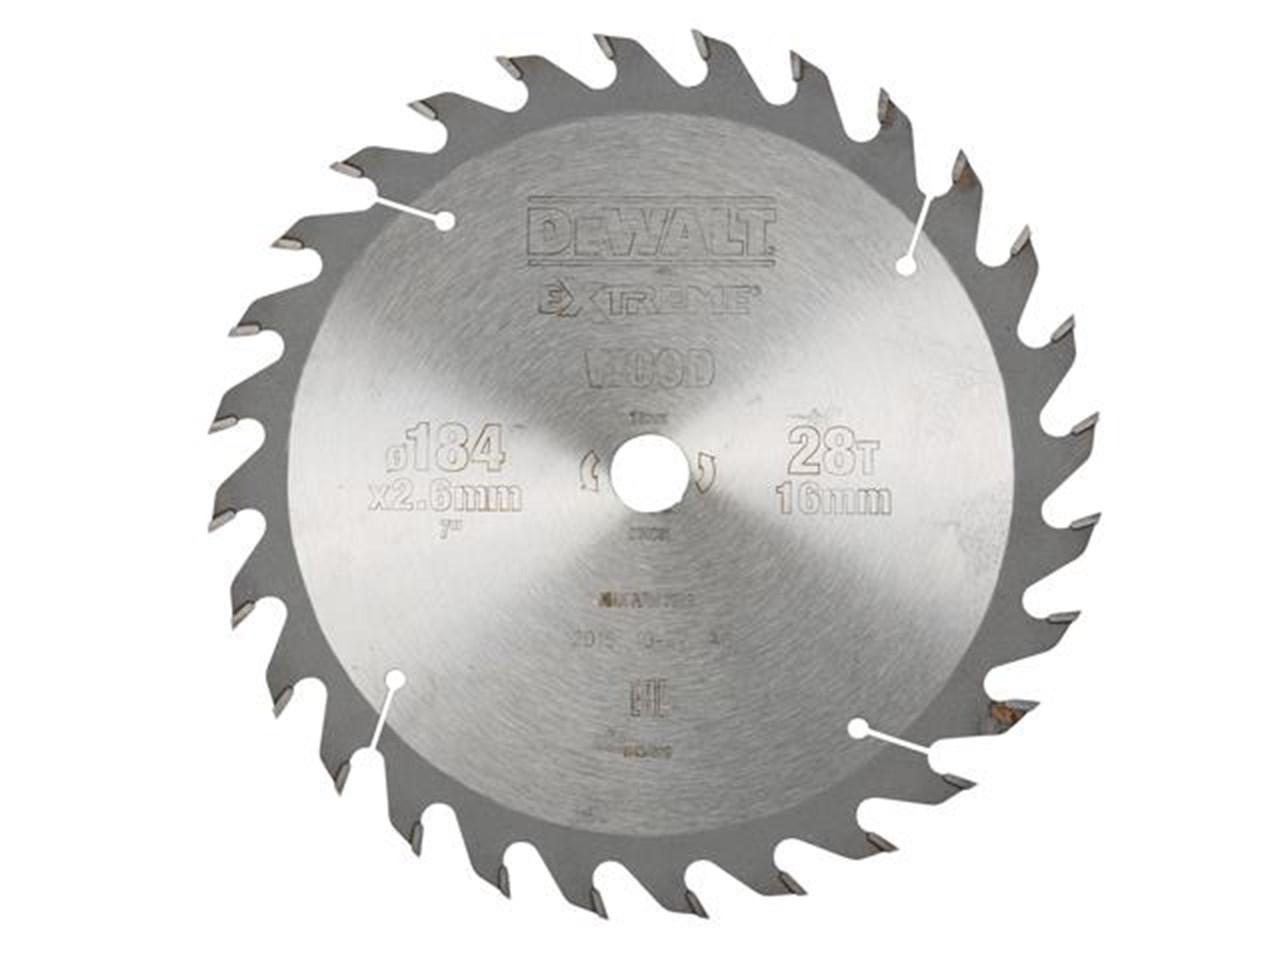 Dewalt dt4031qz circular saw blade series 40 28 tooth keyboard keysfo Gallery